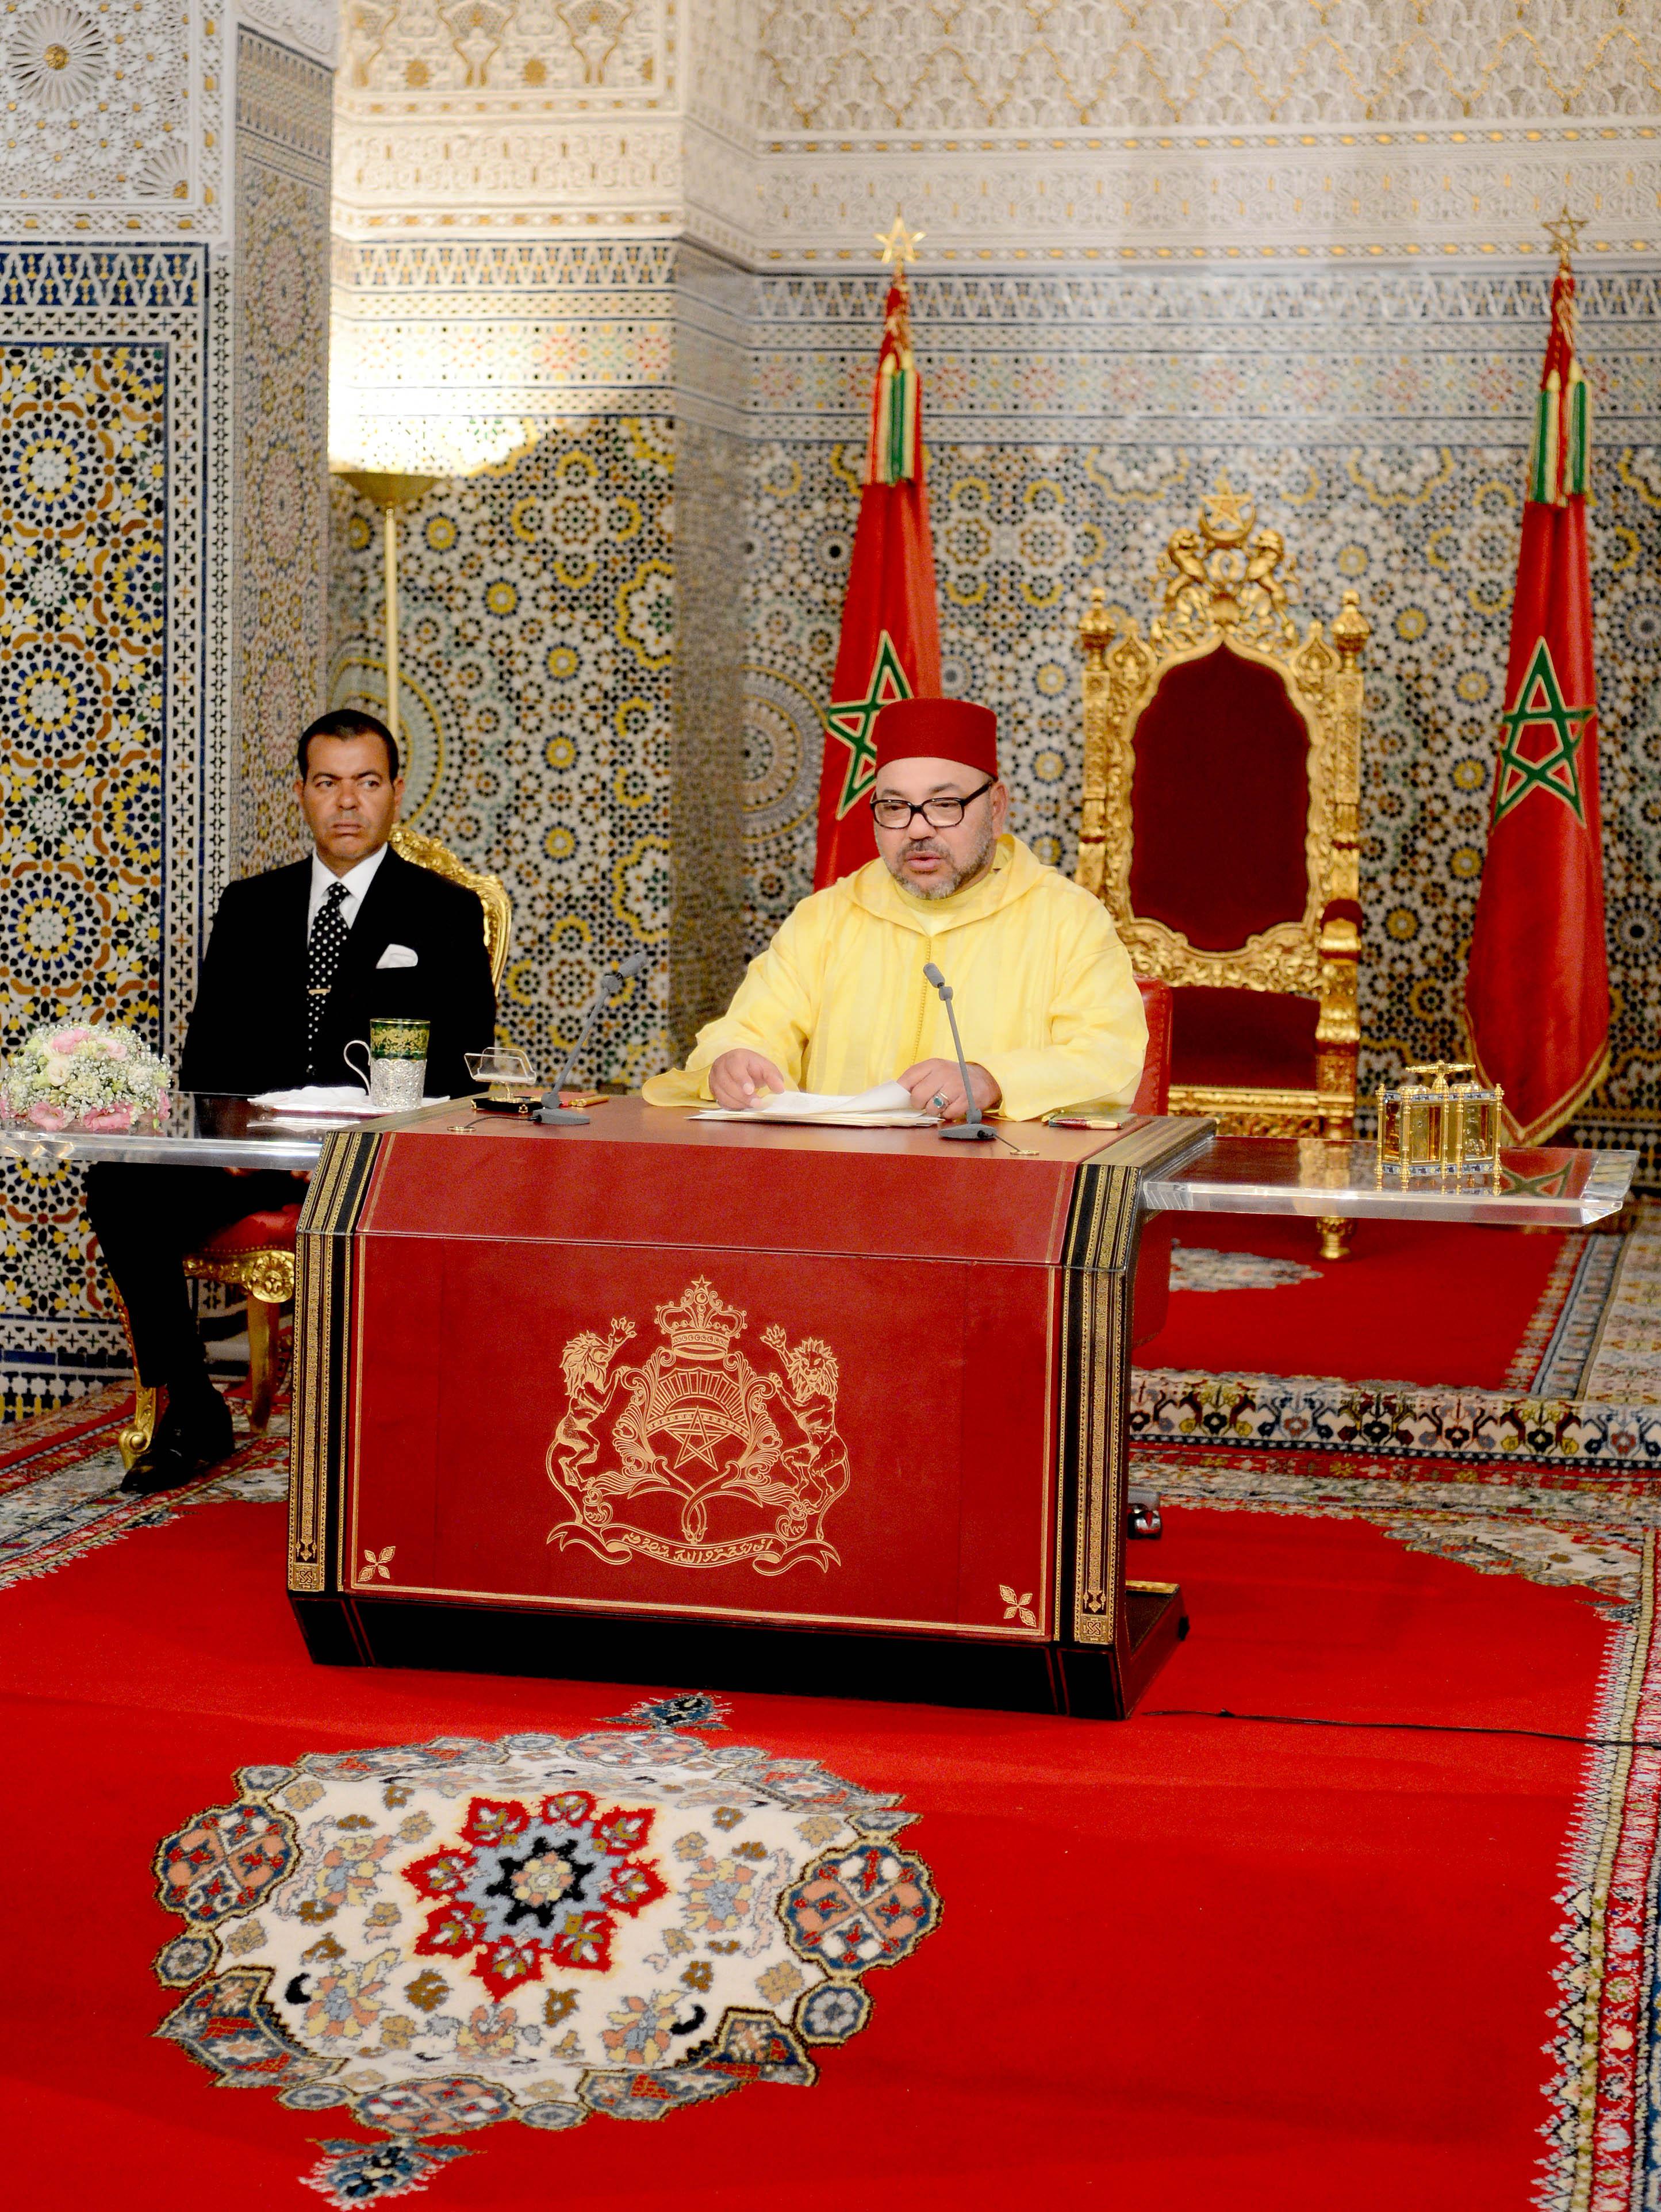 sm le roi adresse un discours la nation l 39 occasion de la f te du tr ne map. Black Bedroom Furniture Sets. Home Design Ideas